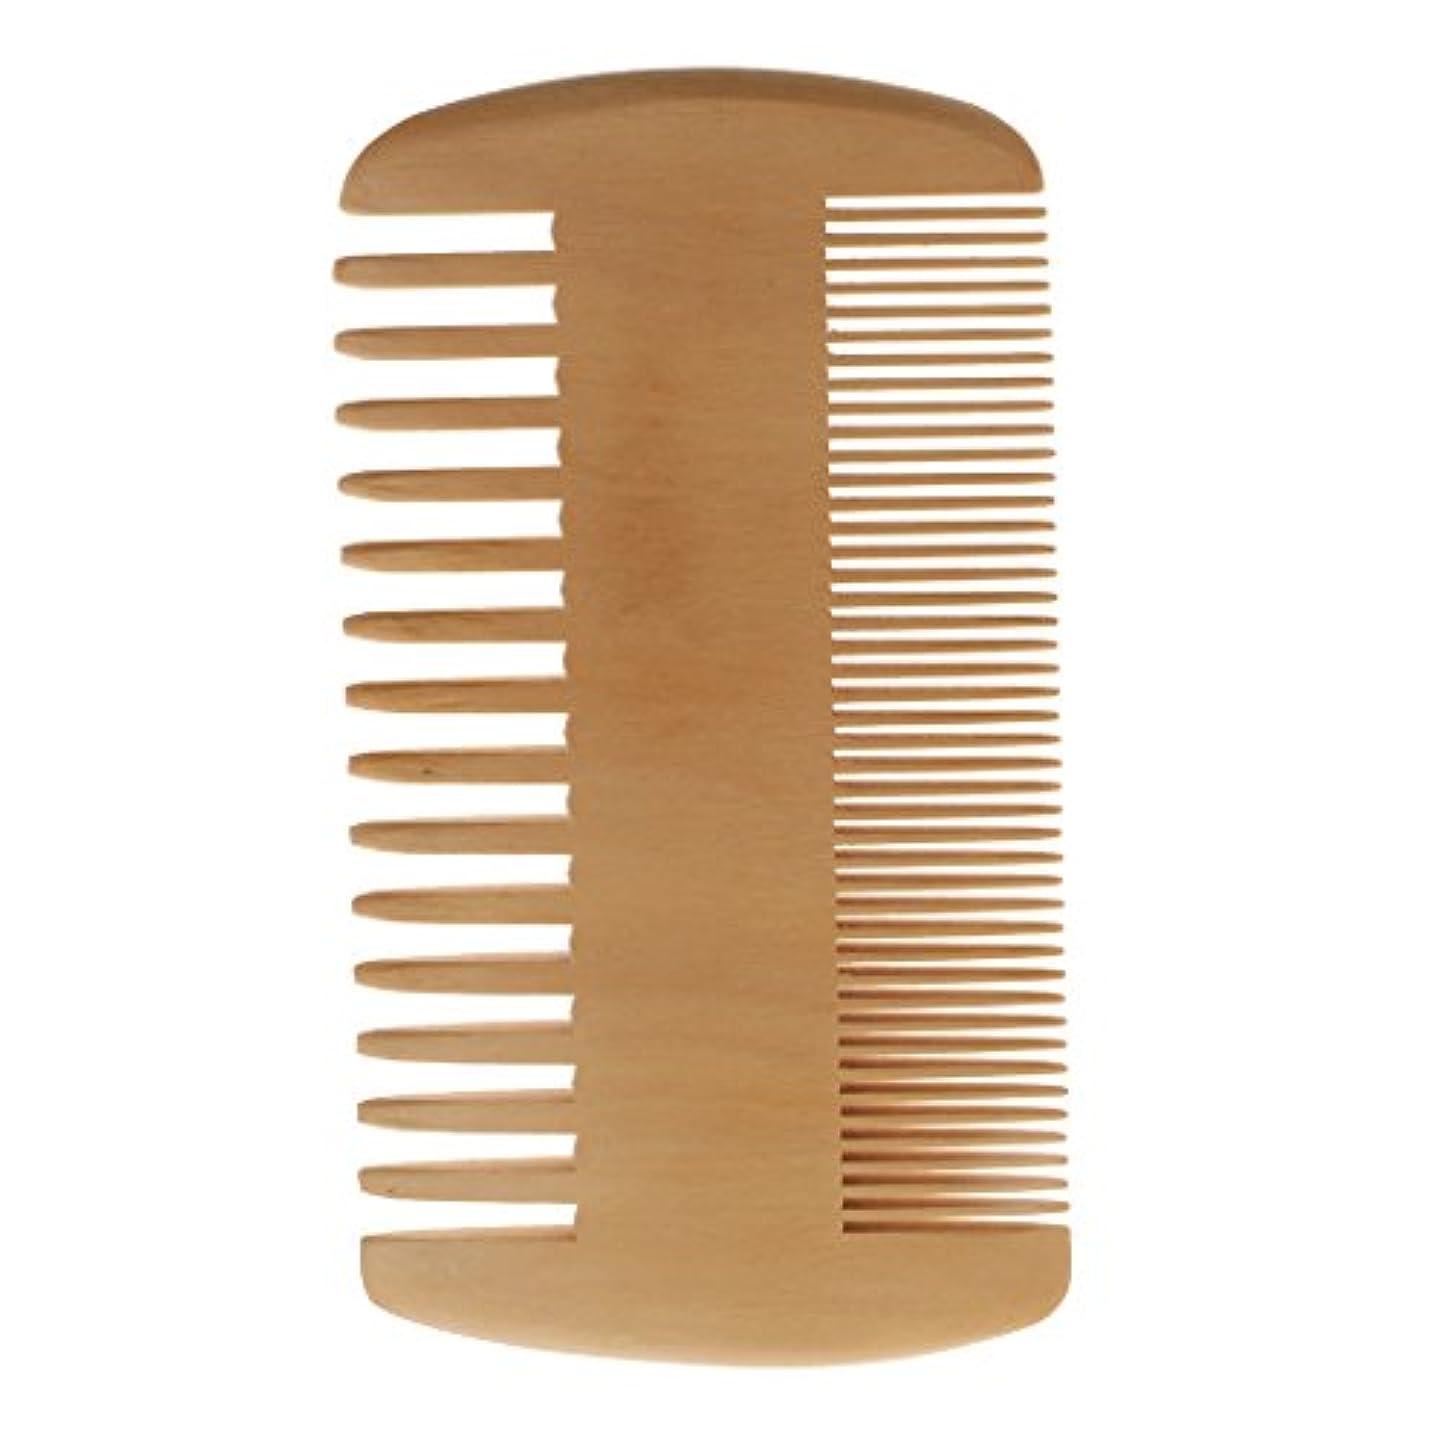 緩める排泄物ブラジャーSM SunniMix ポケットコーム 木製コーム 木製櫛 ヘアダイコーム ヘアブラシ 2倍 密度 歯 携帯 便利